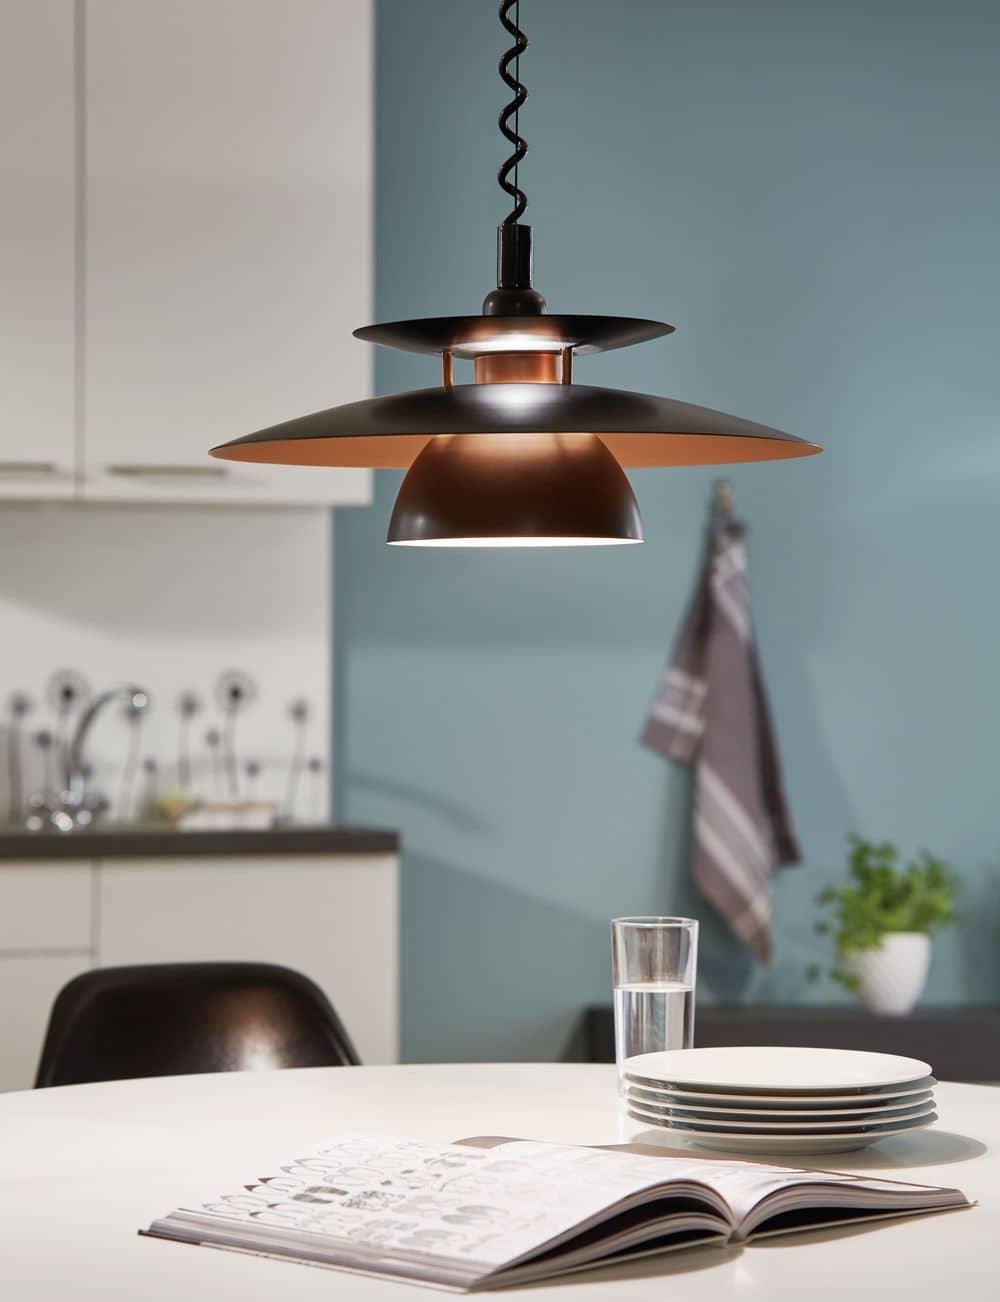 eglo 31666 brenda h ngeleuchte e27 kunststoff stahl schwarz kupfer. Black Bedroom Furniture Sets. Home Design Ideas